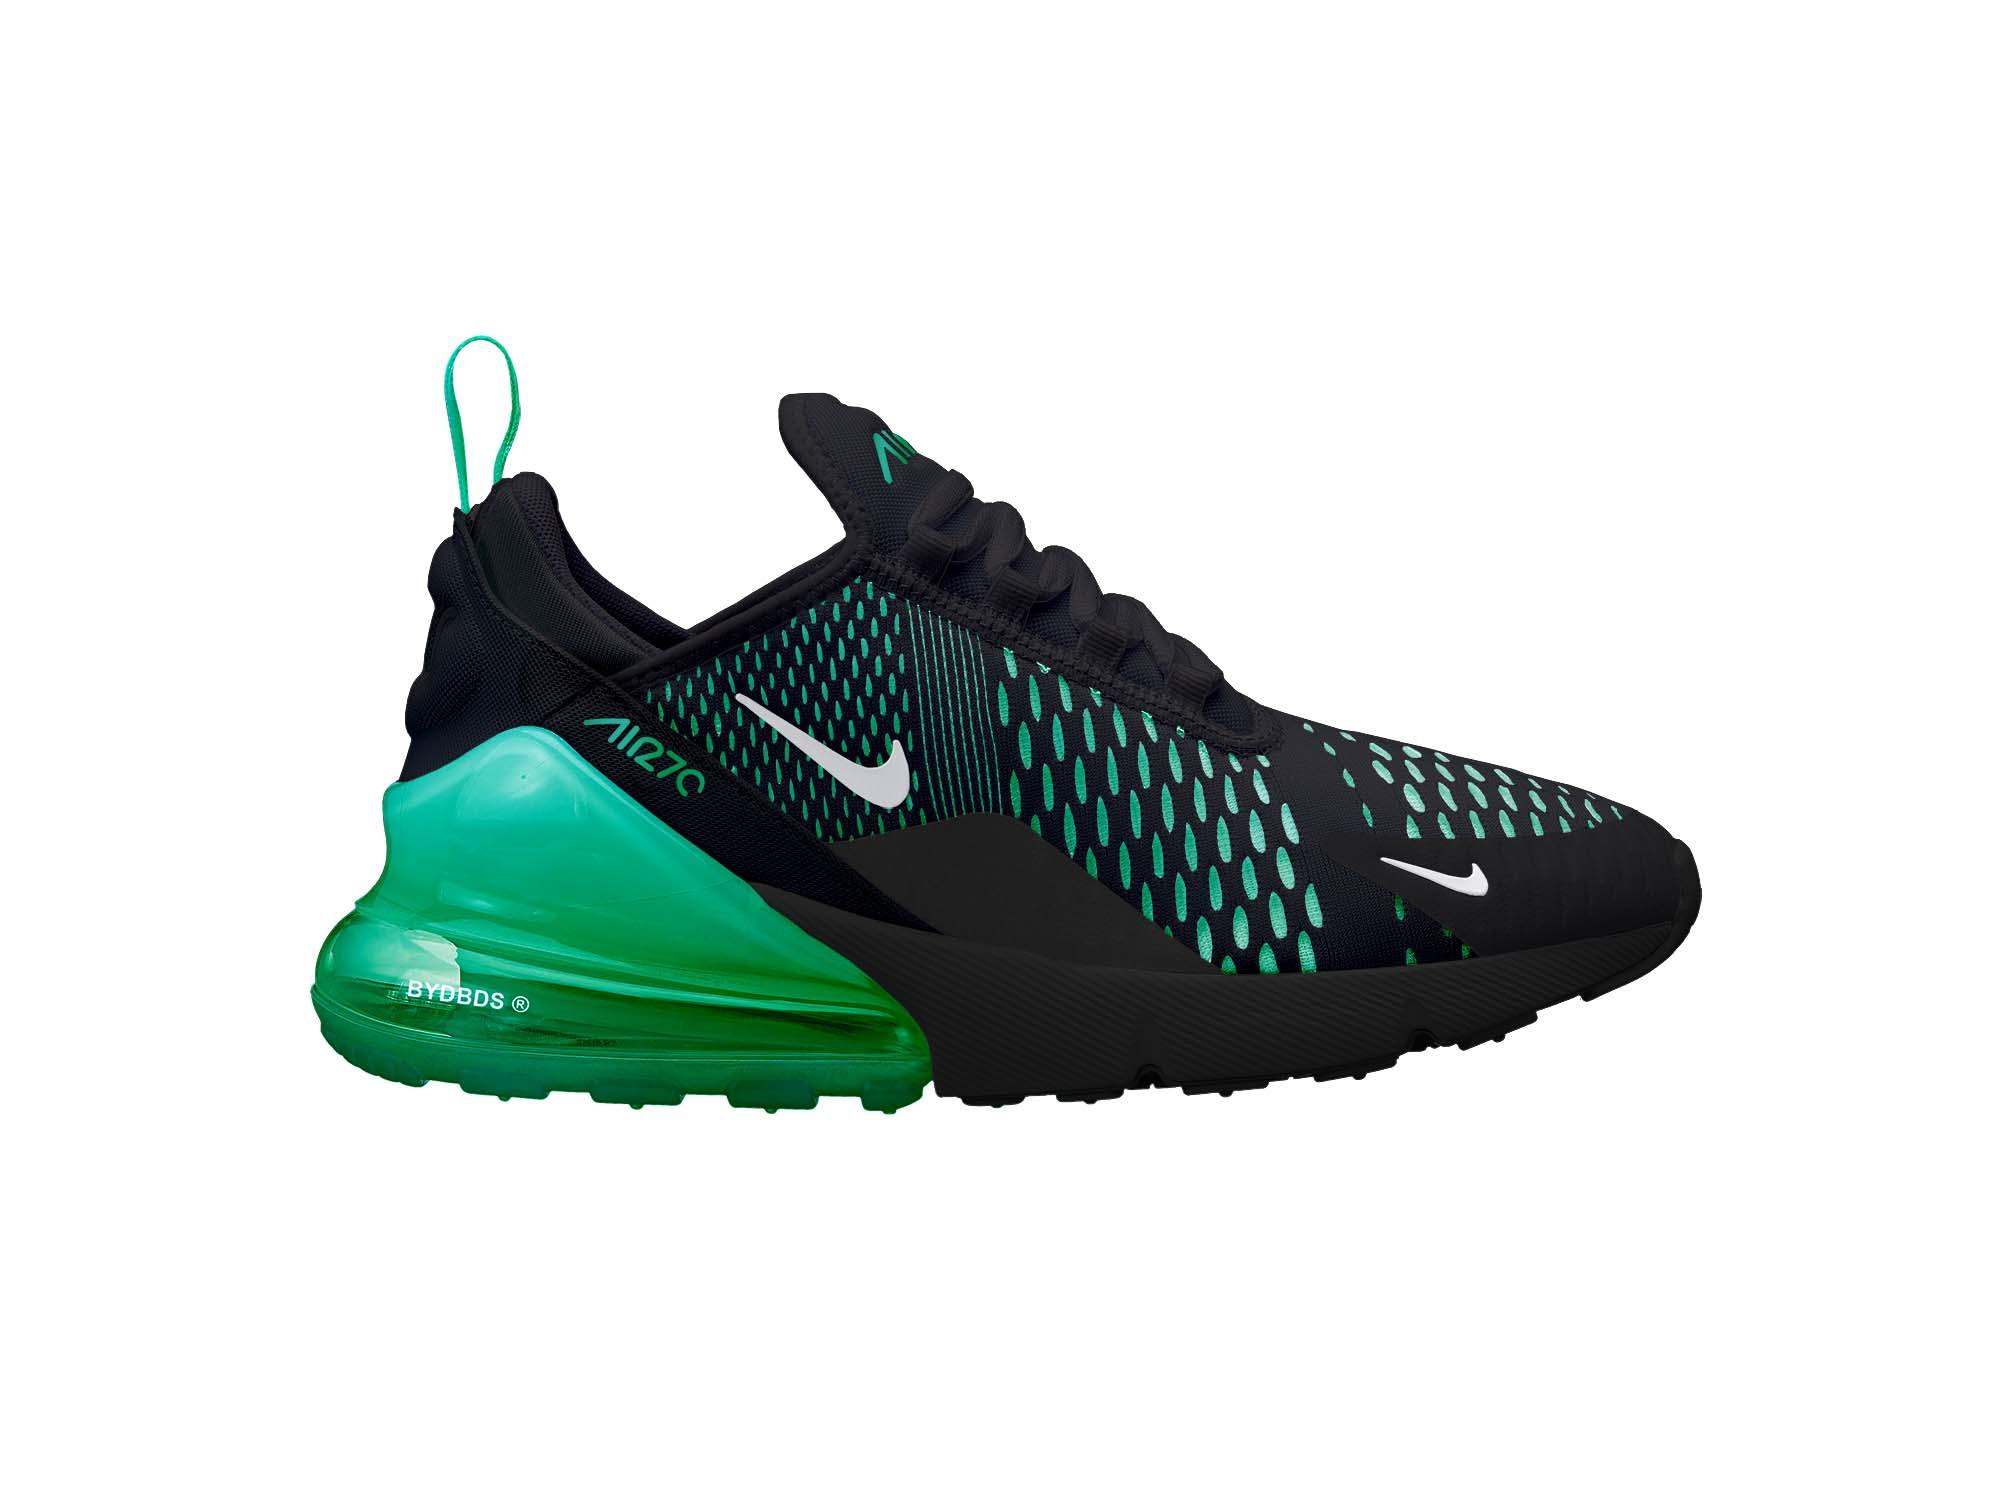 Nike Air Max Sneaker Mockup